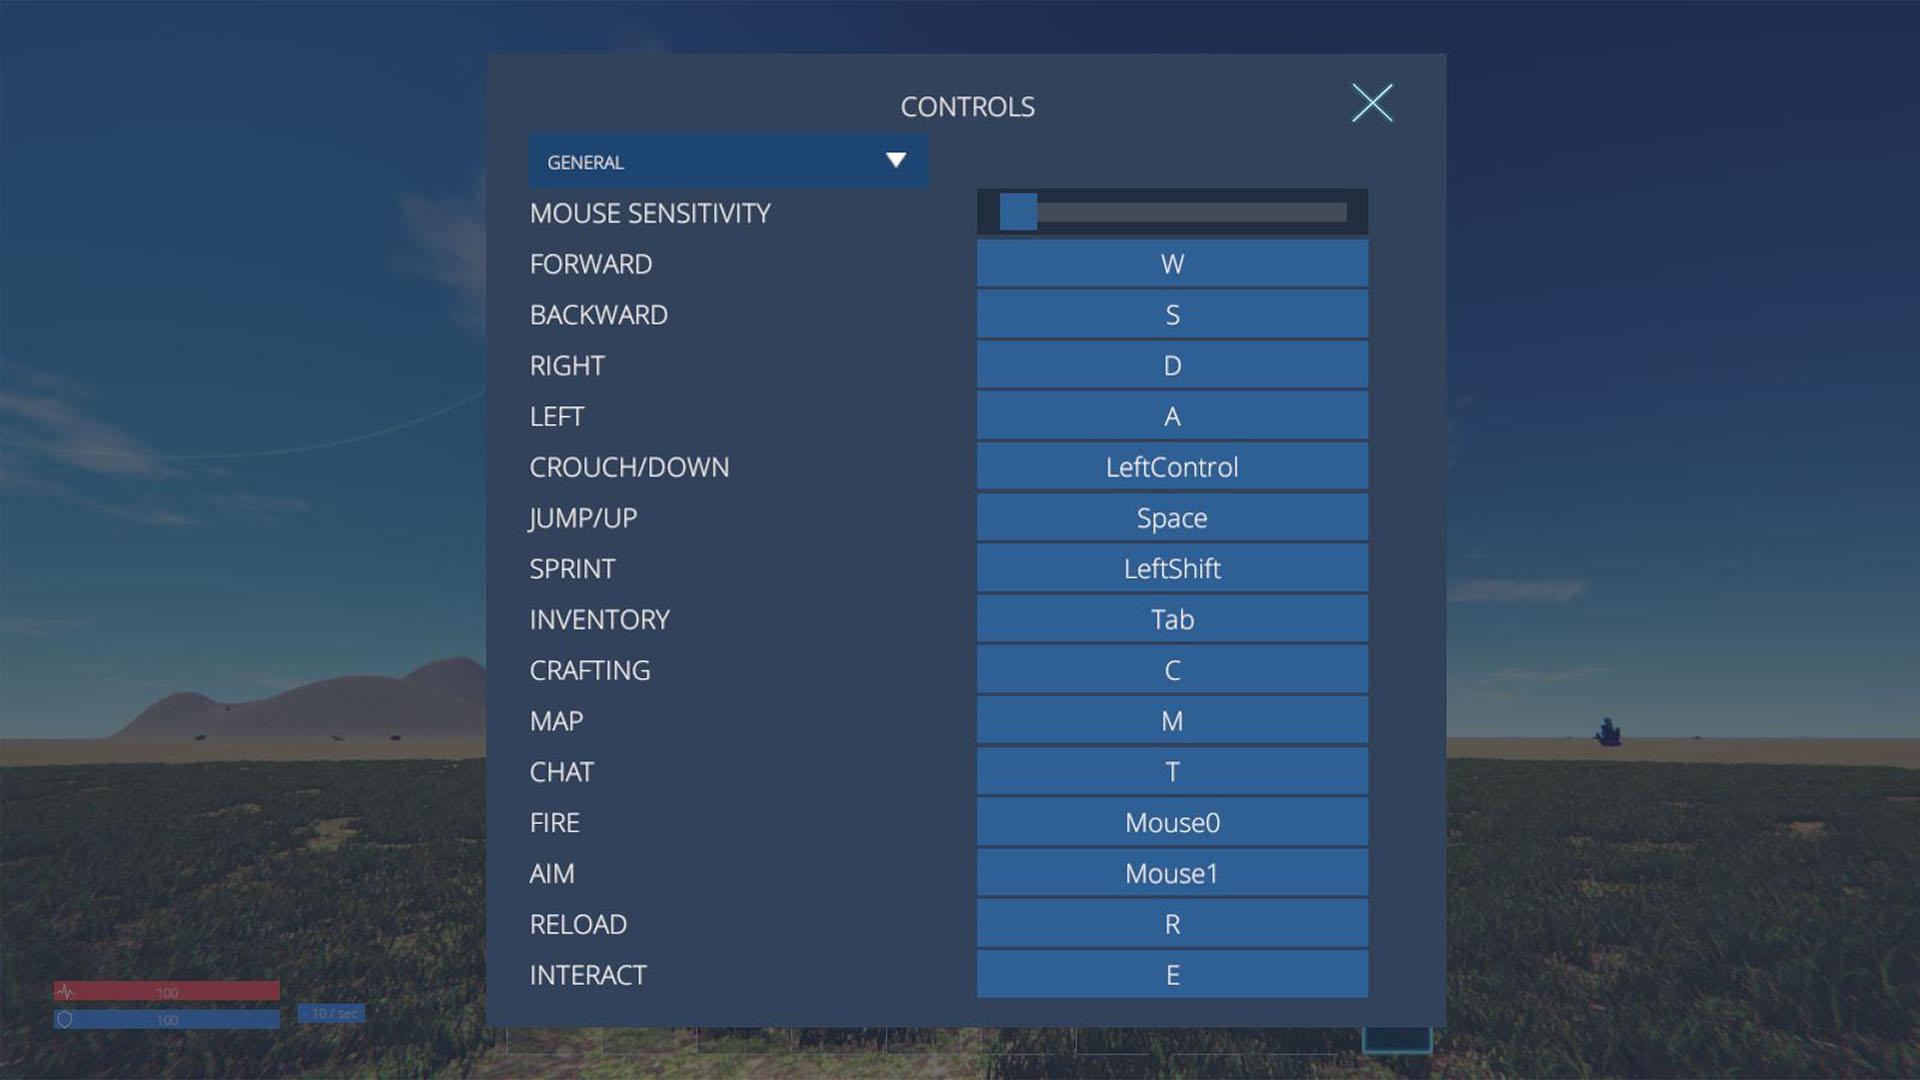 ControlsScreen